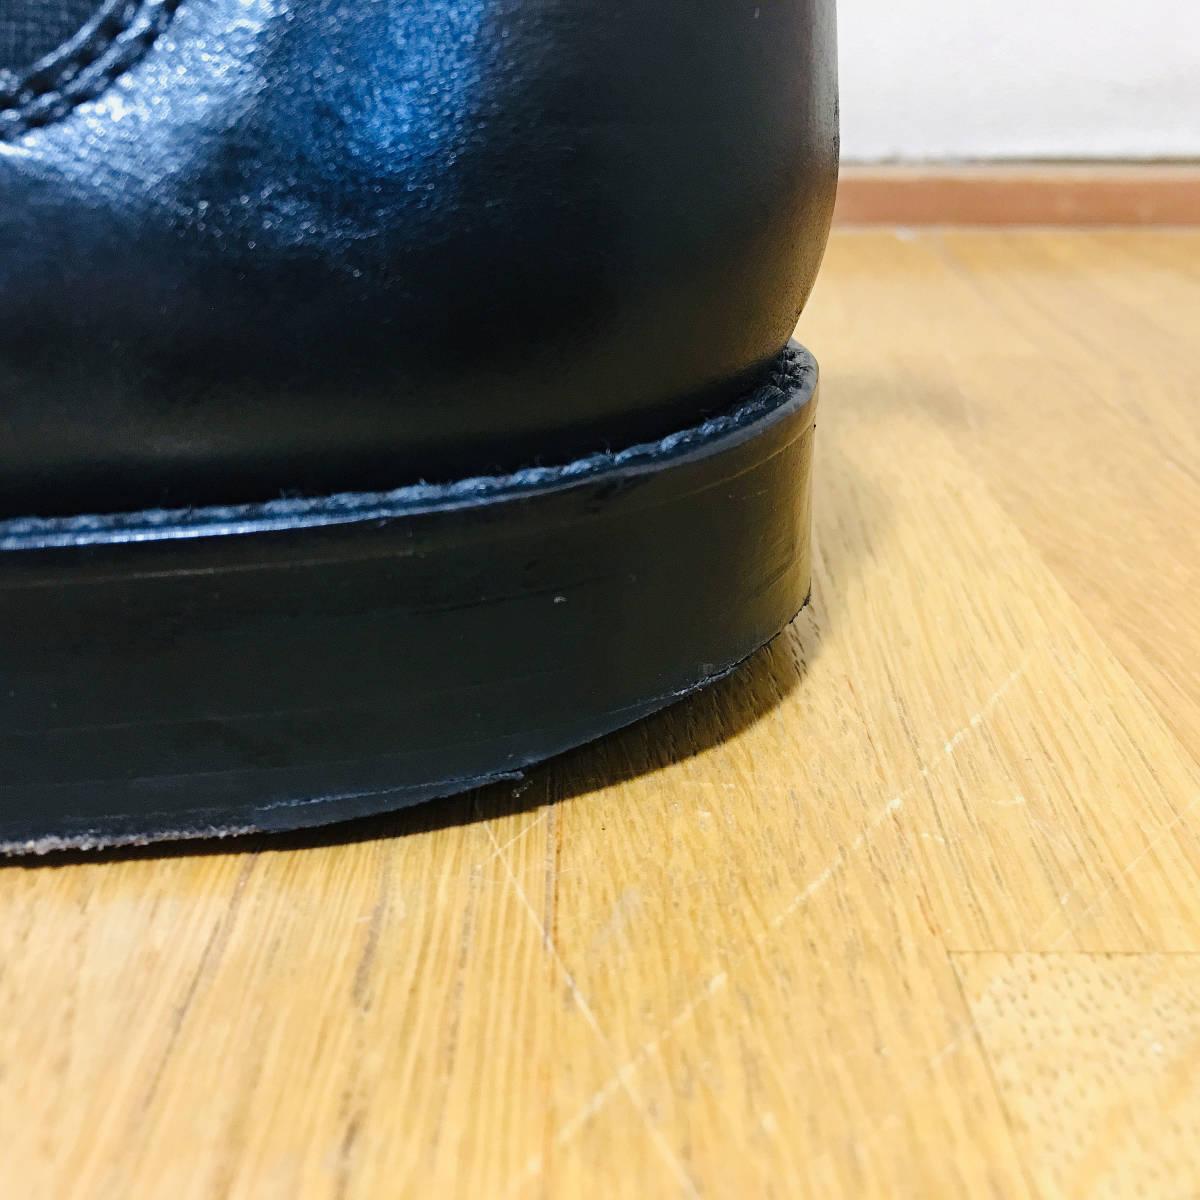 ■ 美品 定価3.8万 《 PADRONE 》 メンズ サイドゴア 本革 ショートブーツ 41 26-26.5cm 黒 パドローネ プレーントゥ レザーシューズ 革靴 _画像6